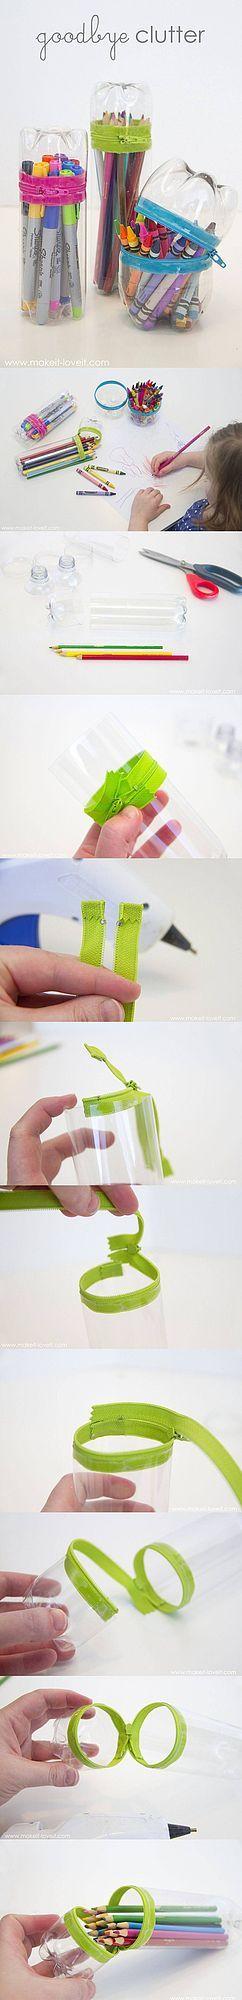 Estuches reciclando botellas de plástico – No-Sew Zipper Cases from Plastic Bottles Elabora originales estuches con botellas plásticas recicladas y contribuye con el medio ambiente. En nuestro blog ap